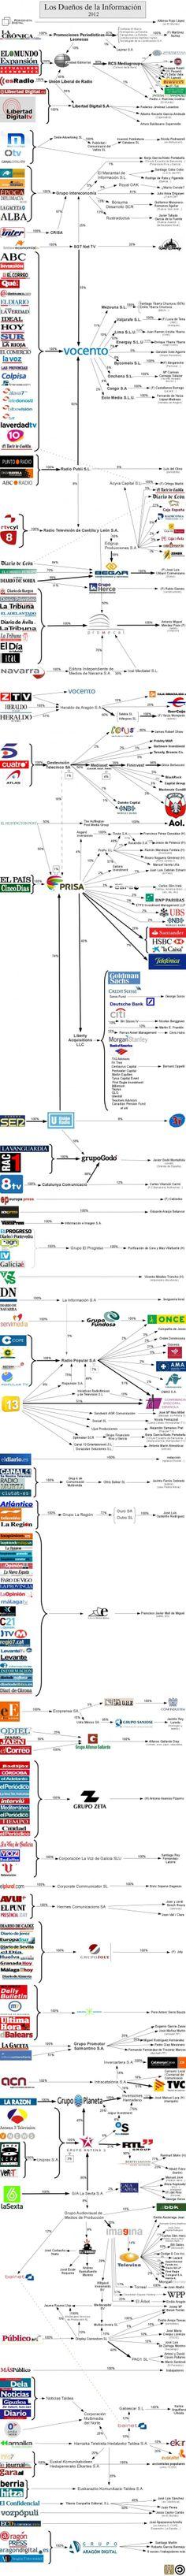 Medios de Comunicacion en España 2012 Prensa Periodicos